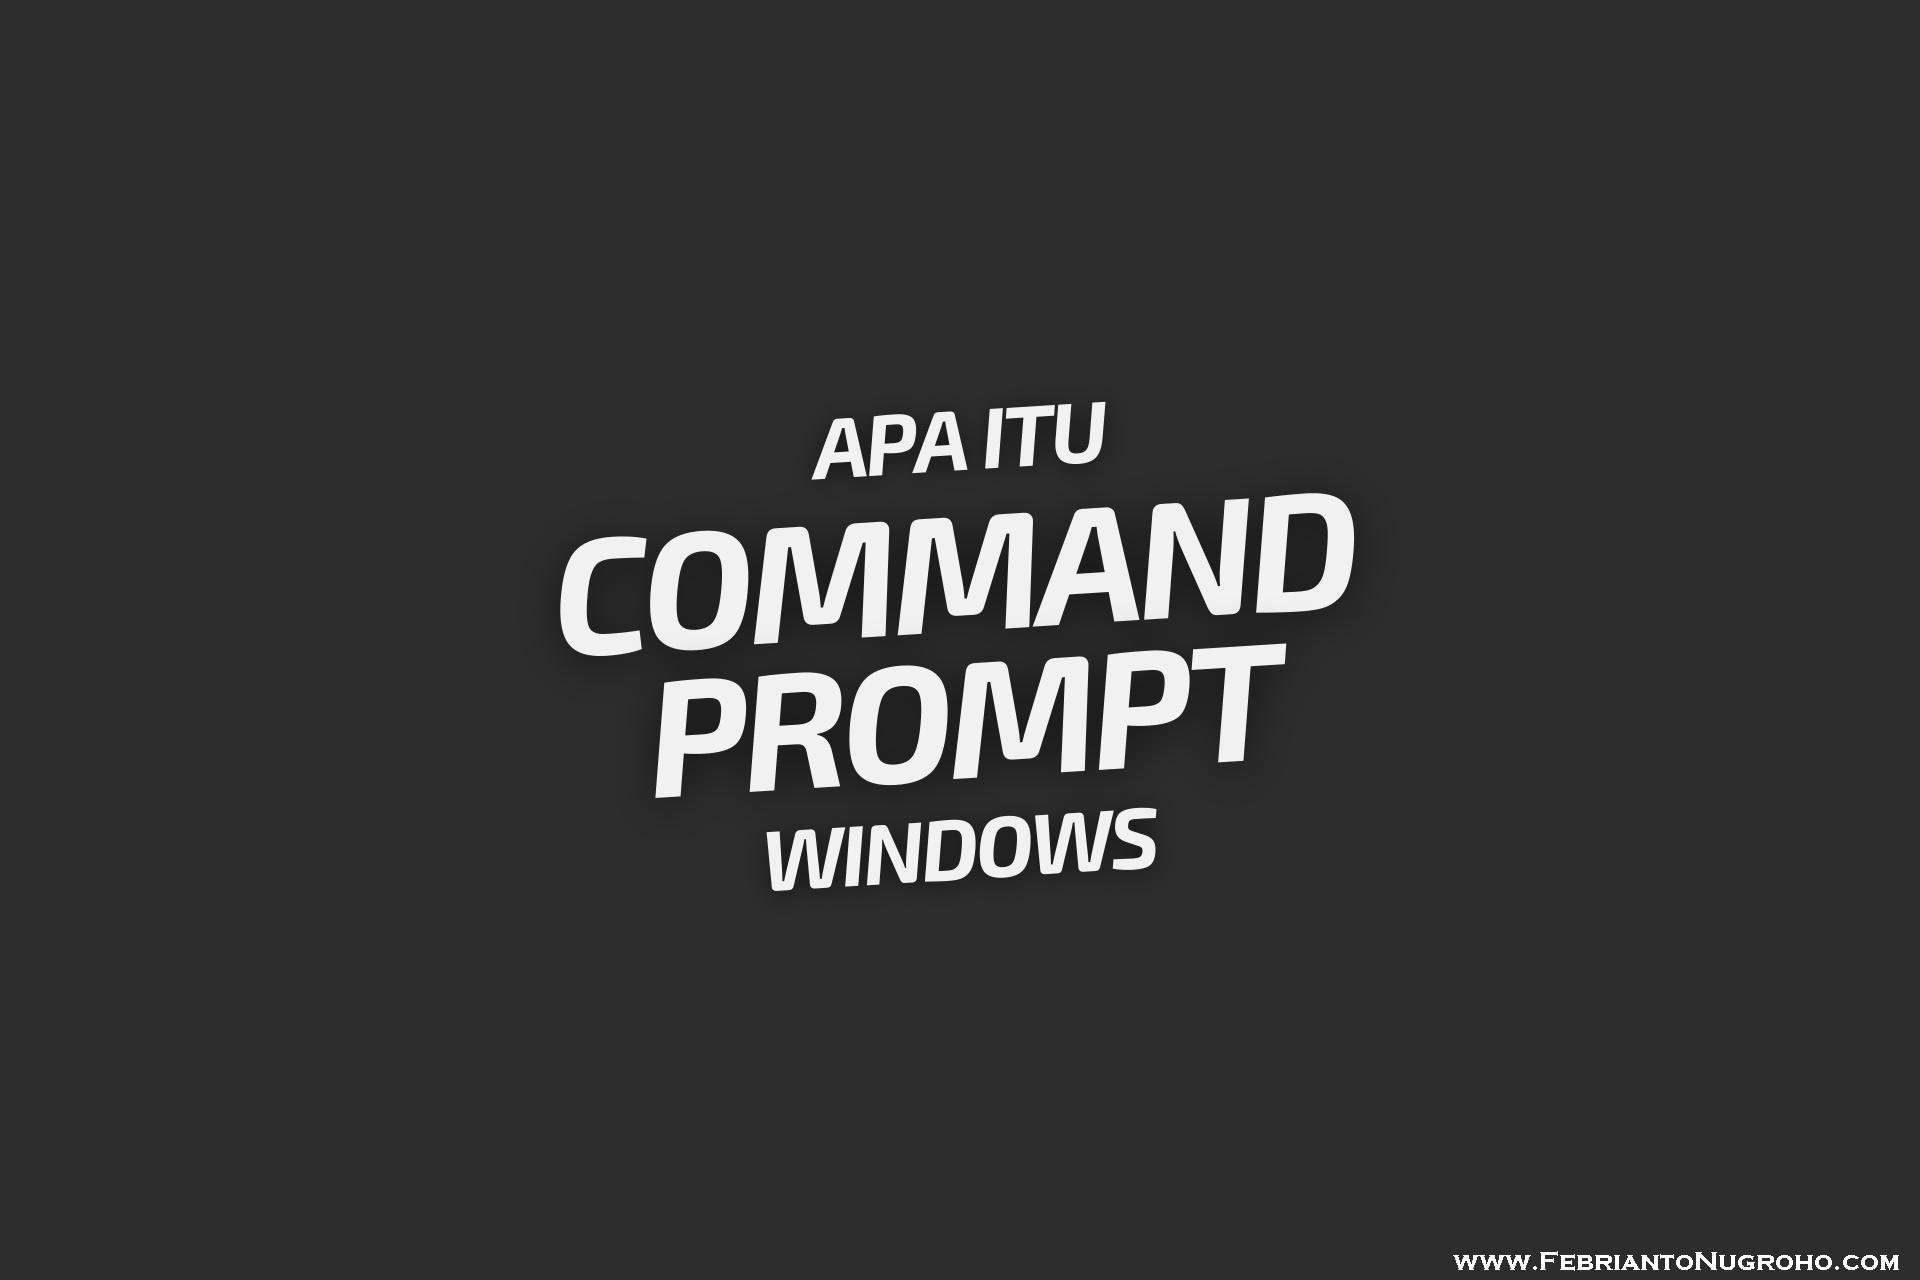 Apa Itu Command Prompt